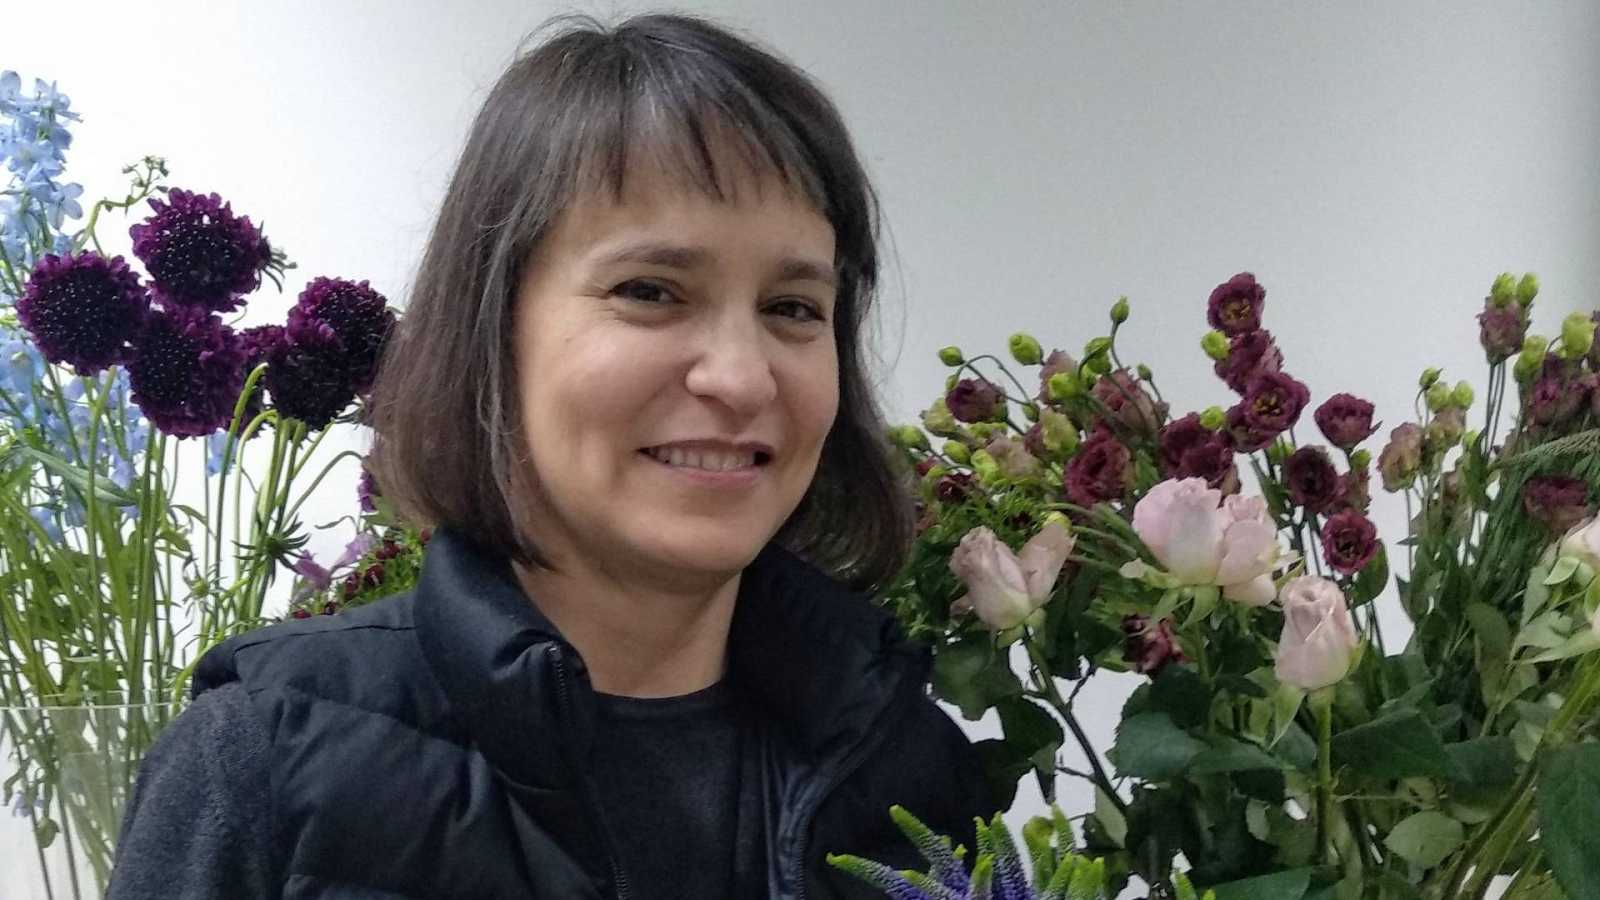 Hoy empieza todo con Marta Echeverría - Barriunoticias, El Jardín del Prado y Madrid Flower School - 26/02/20 - escuchar ahora